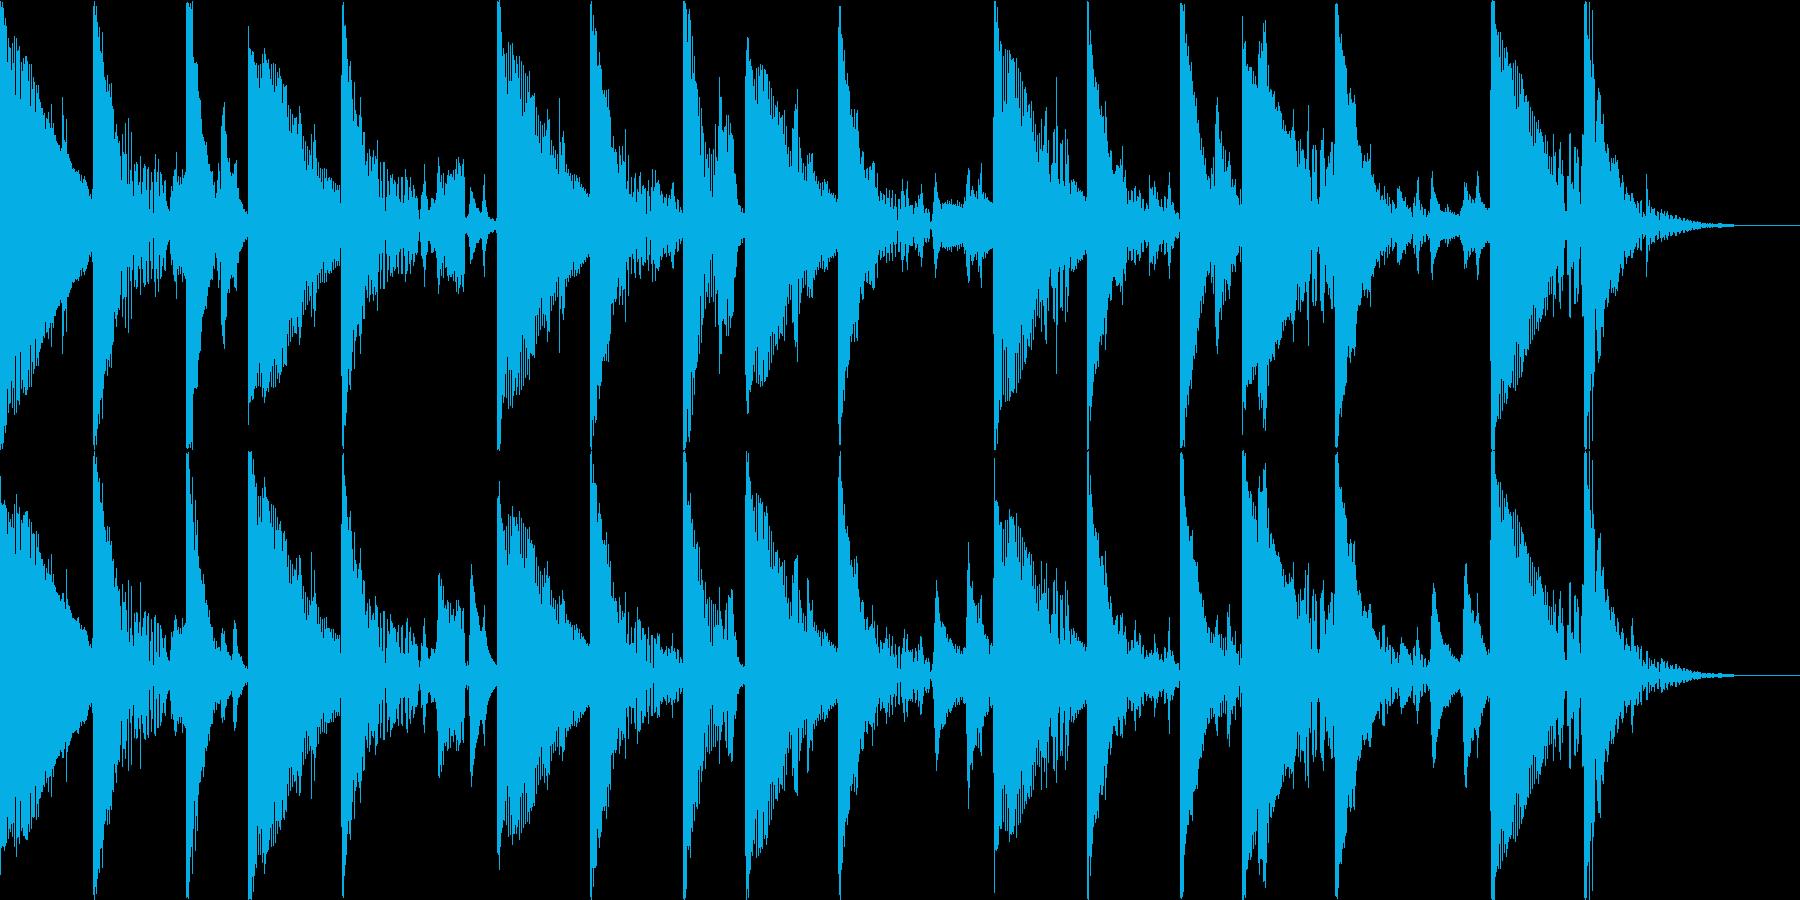 リラックスとしたサンバ風BGMの再生済みの波形